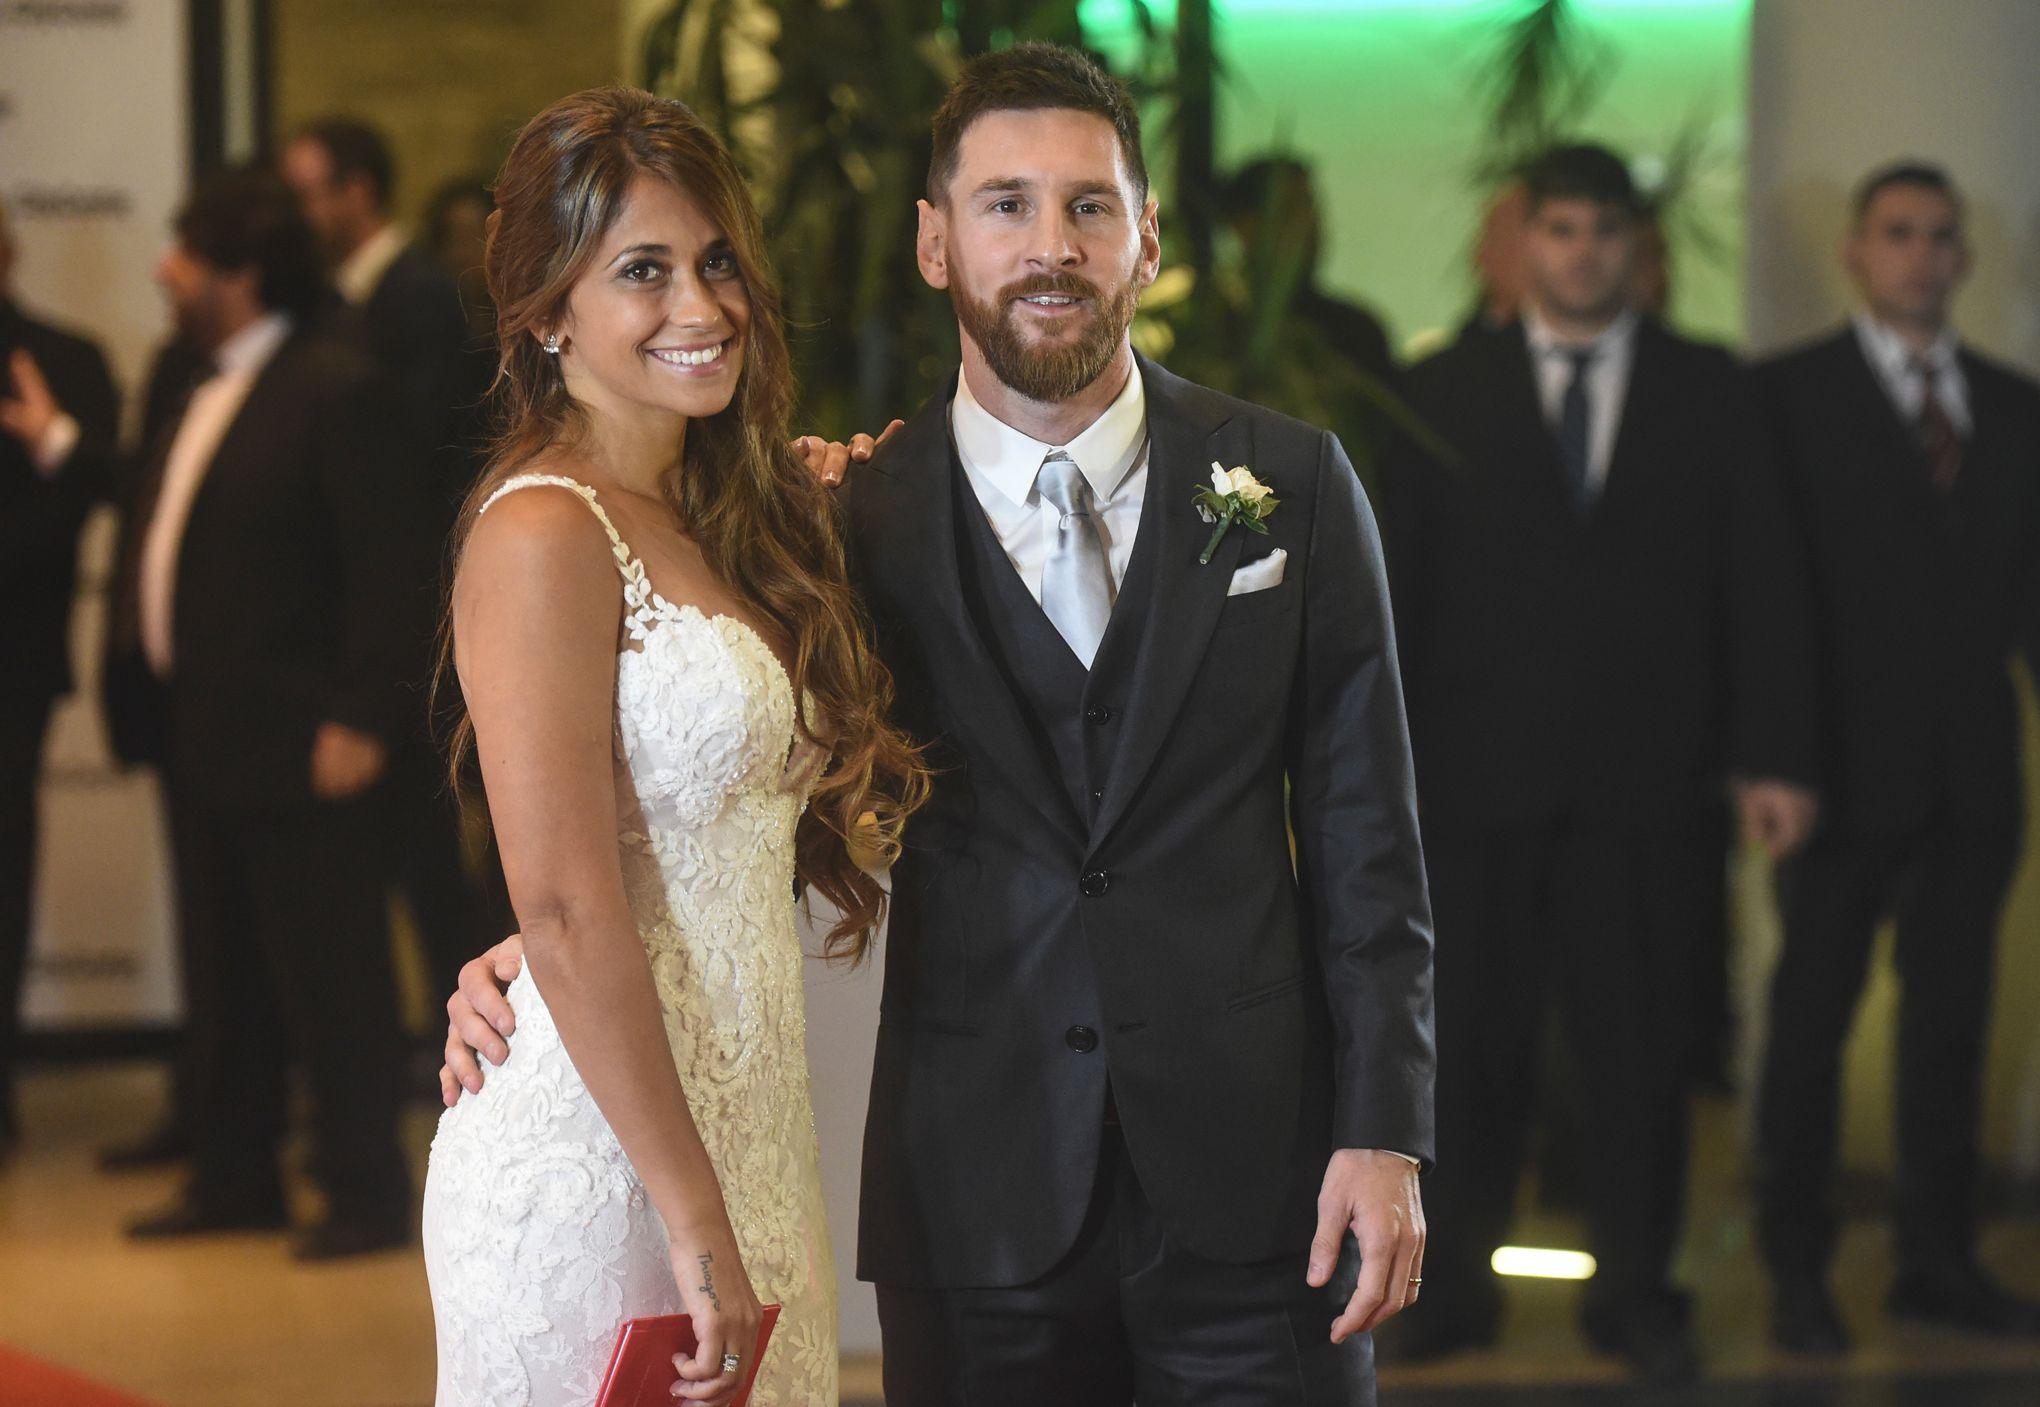 Lavarice Des Invités Au Mariage De Lionel Messi